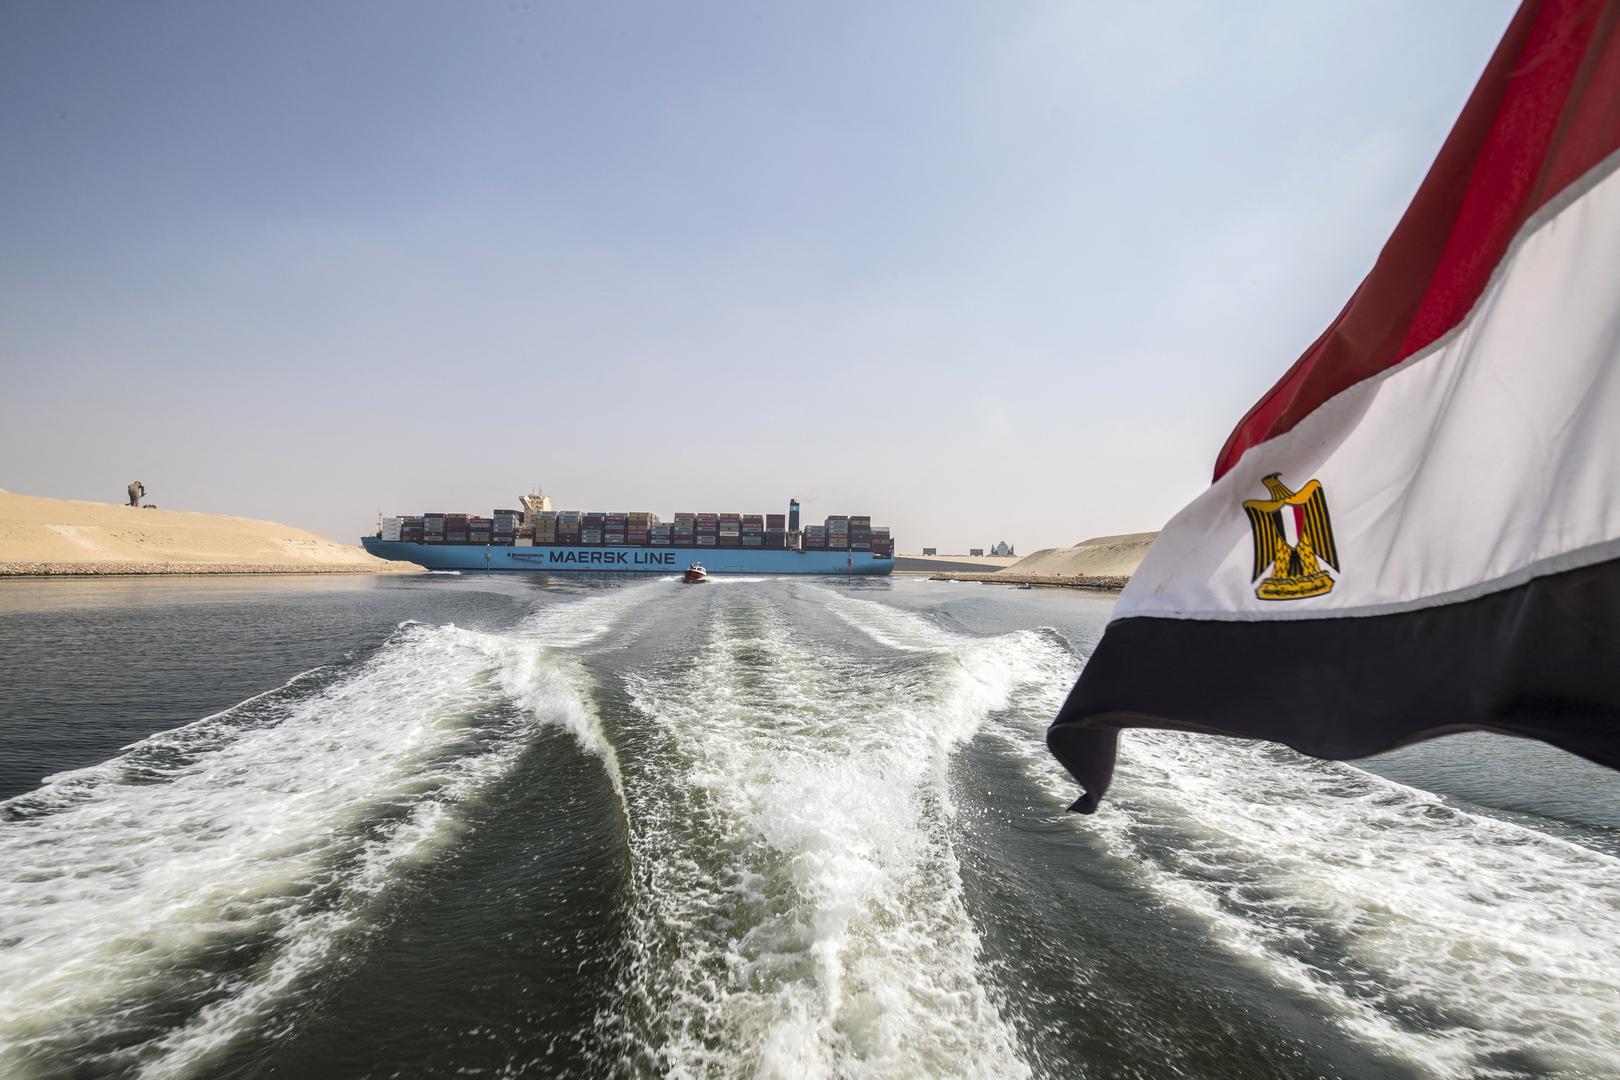 مصر تحدد موعد الإعلان عن التحقيقات في حادث السفينة البنمية